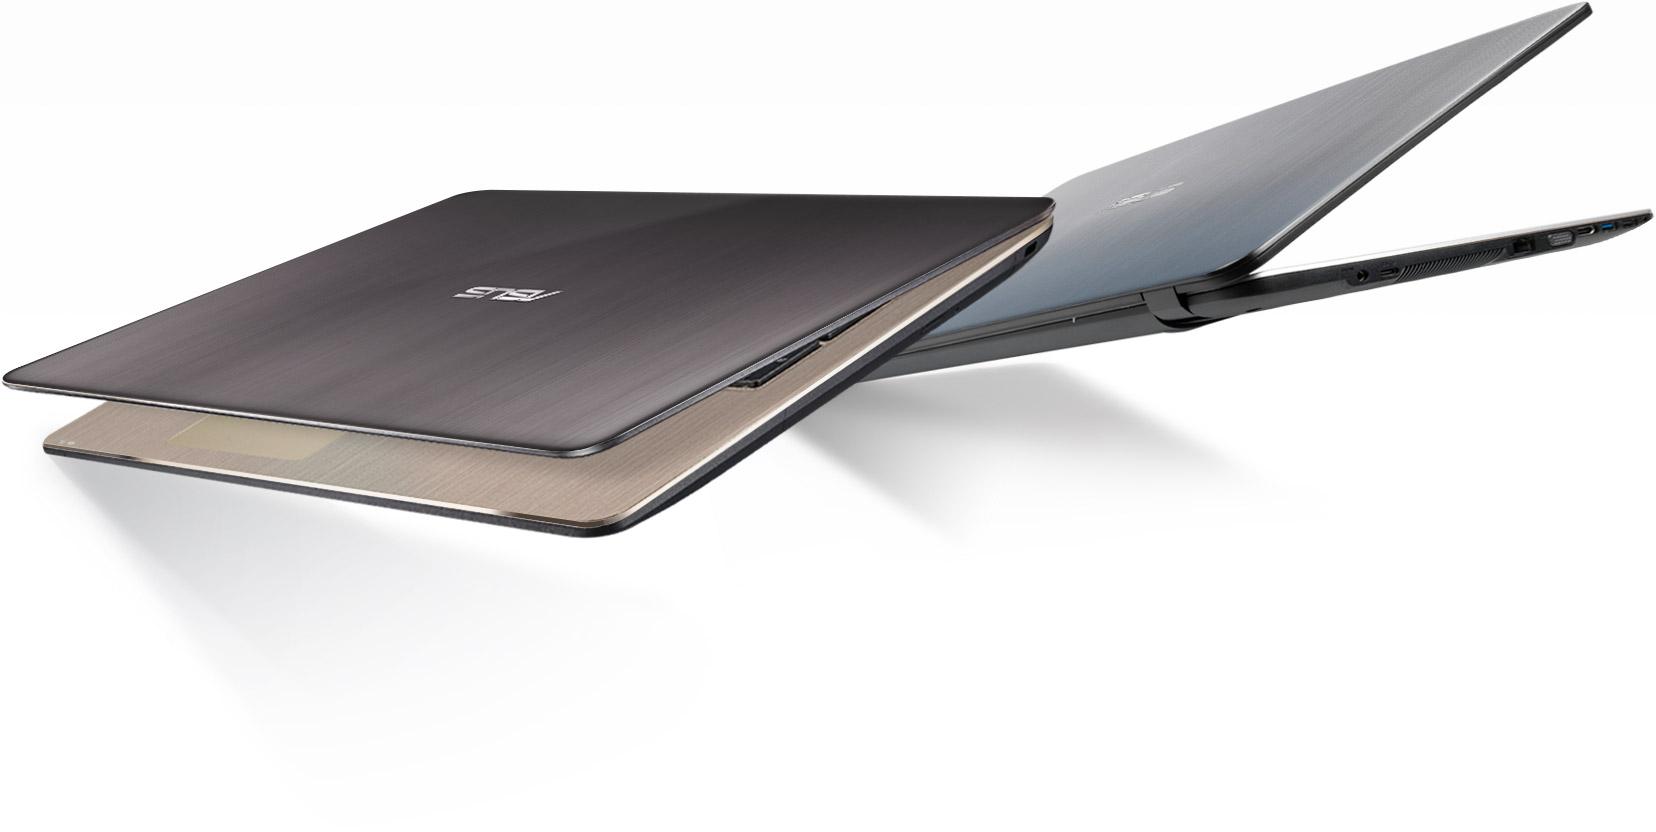 Обзор доступного ультрабука ASUS VivoBook X540YA